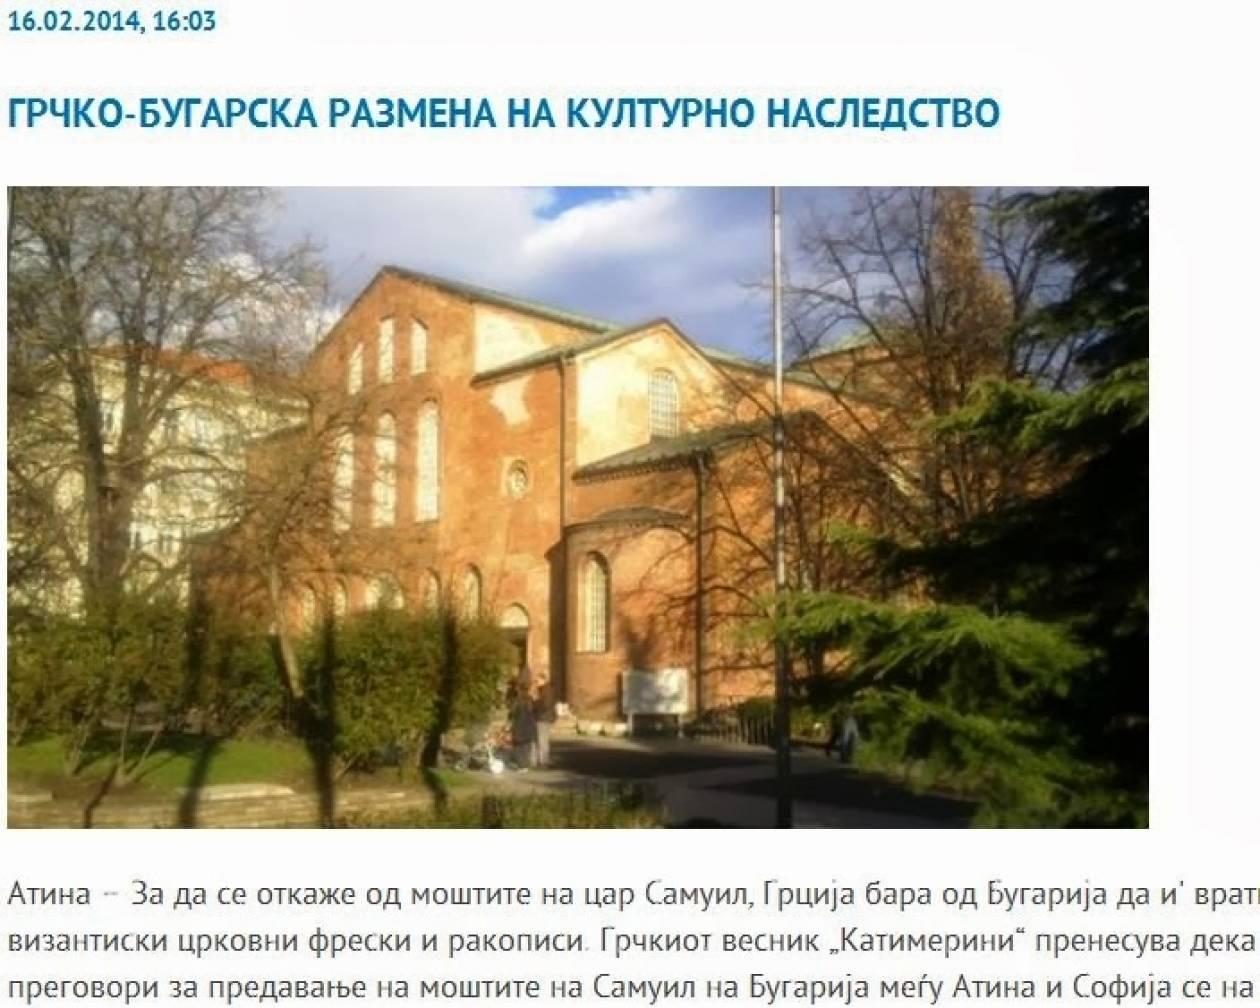 Η Ελλάδα ζητά από την Βουλγαρία κλεμμένα βυζαντινά χειρόγραφα